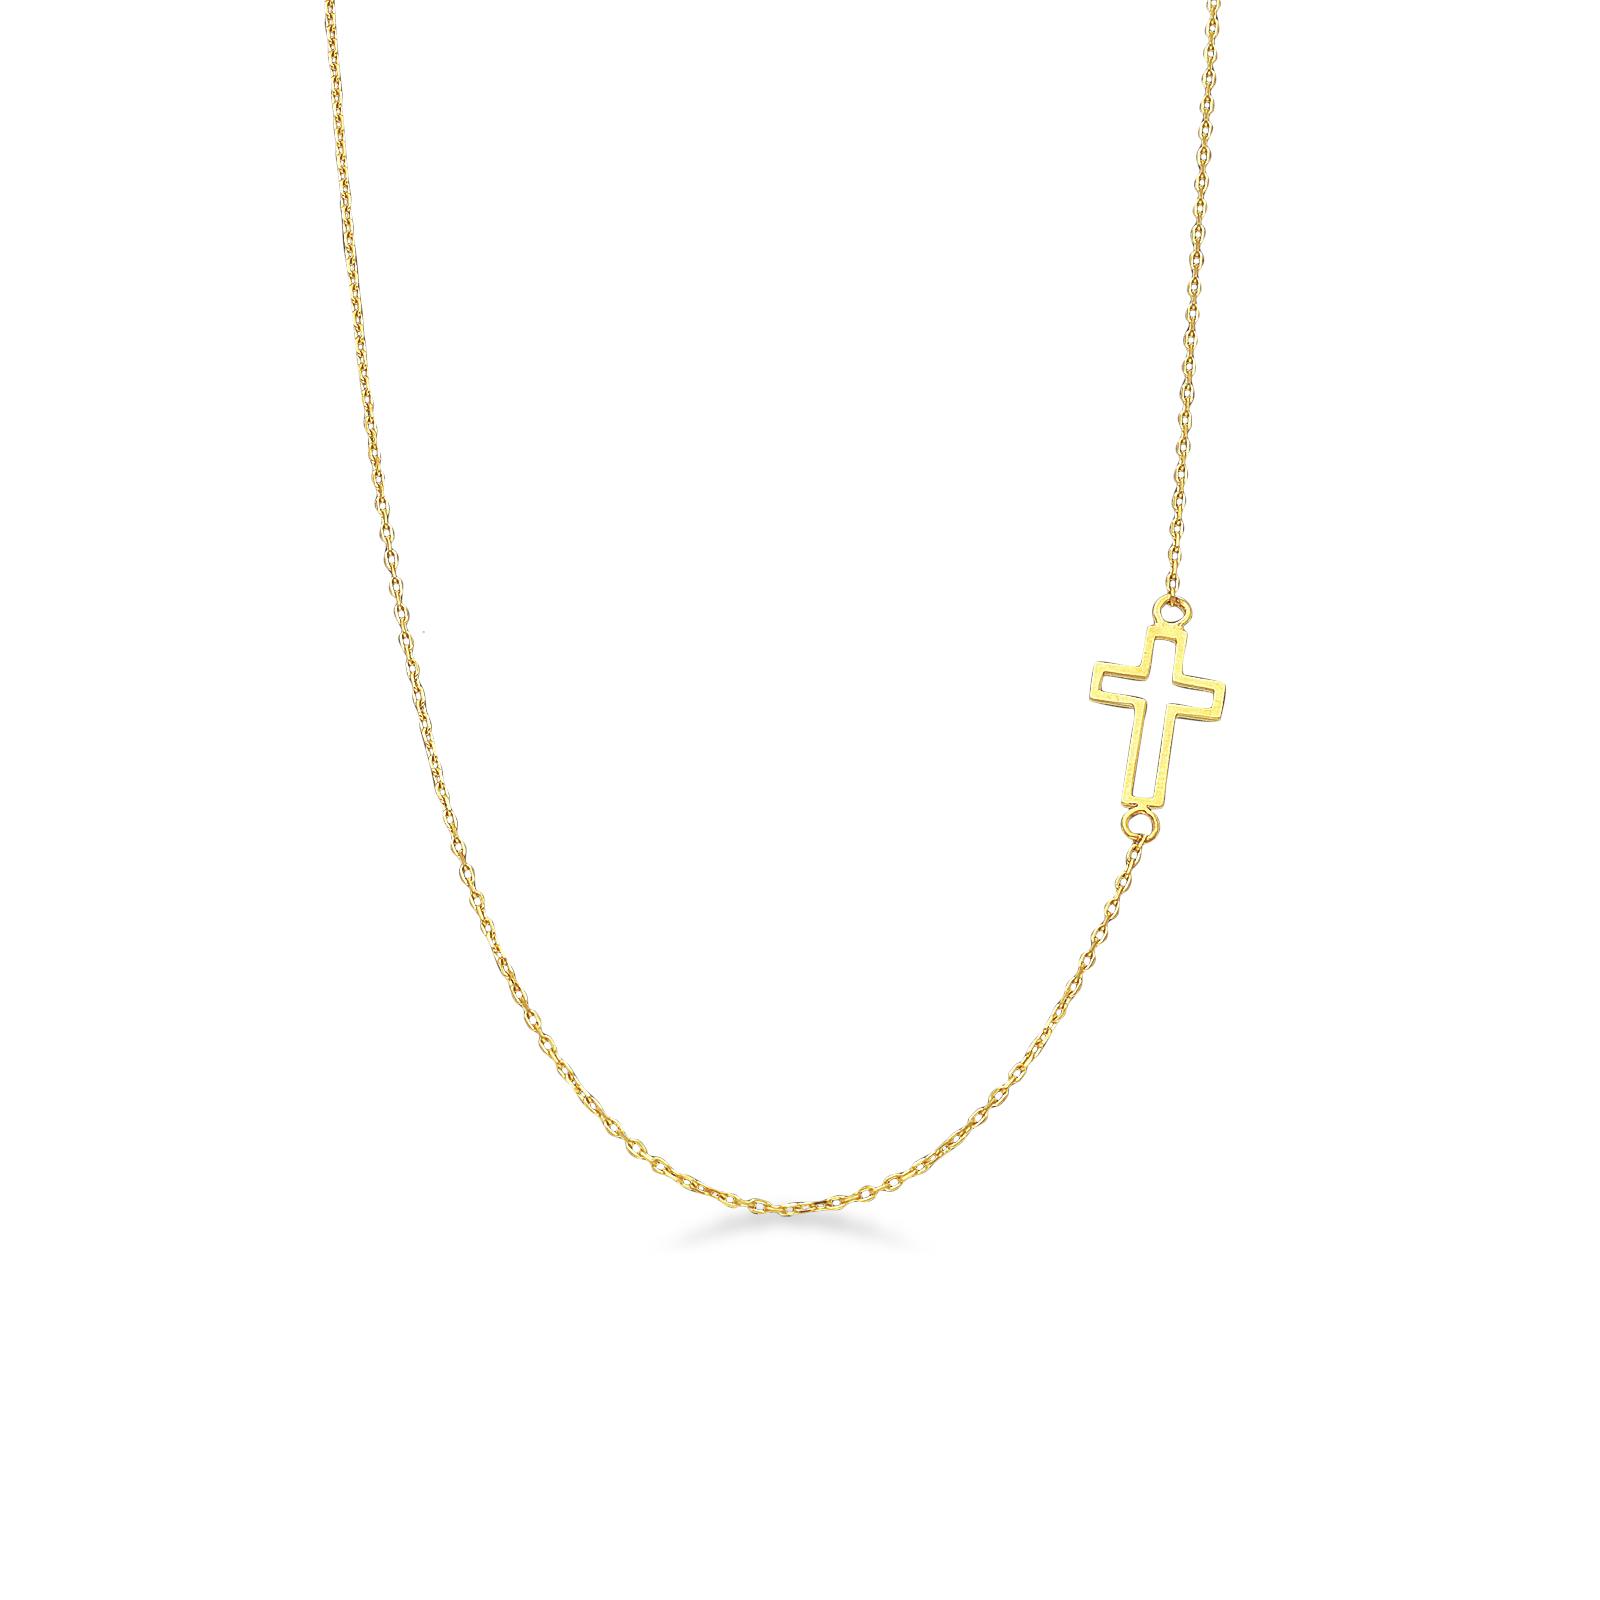 Collana in oro giallo 18k con Croce.